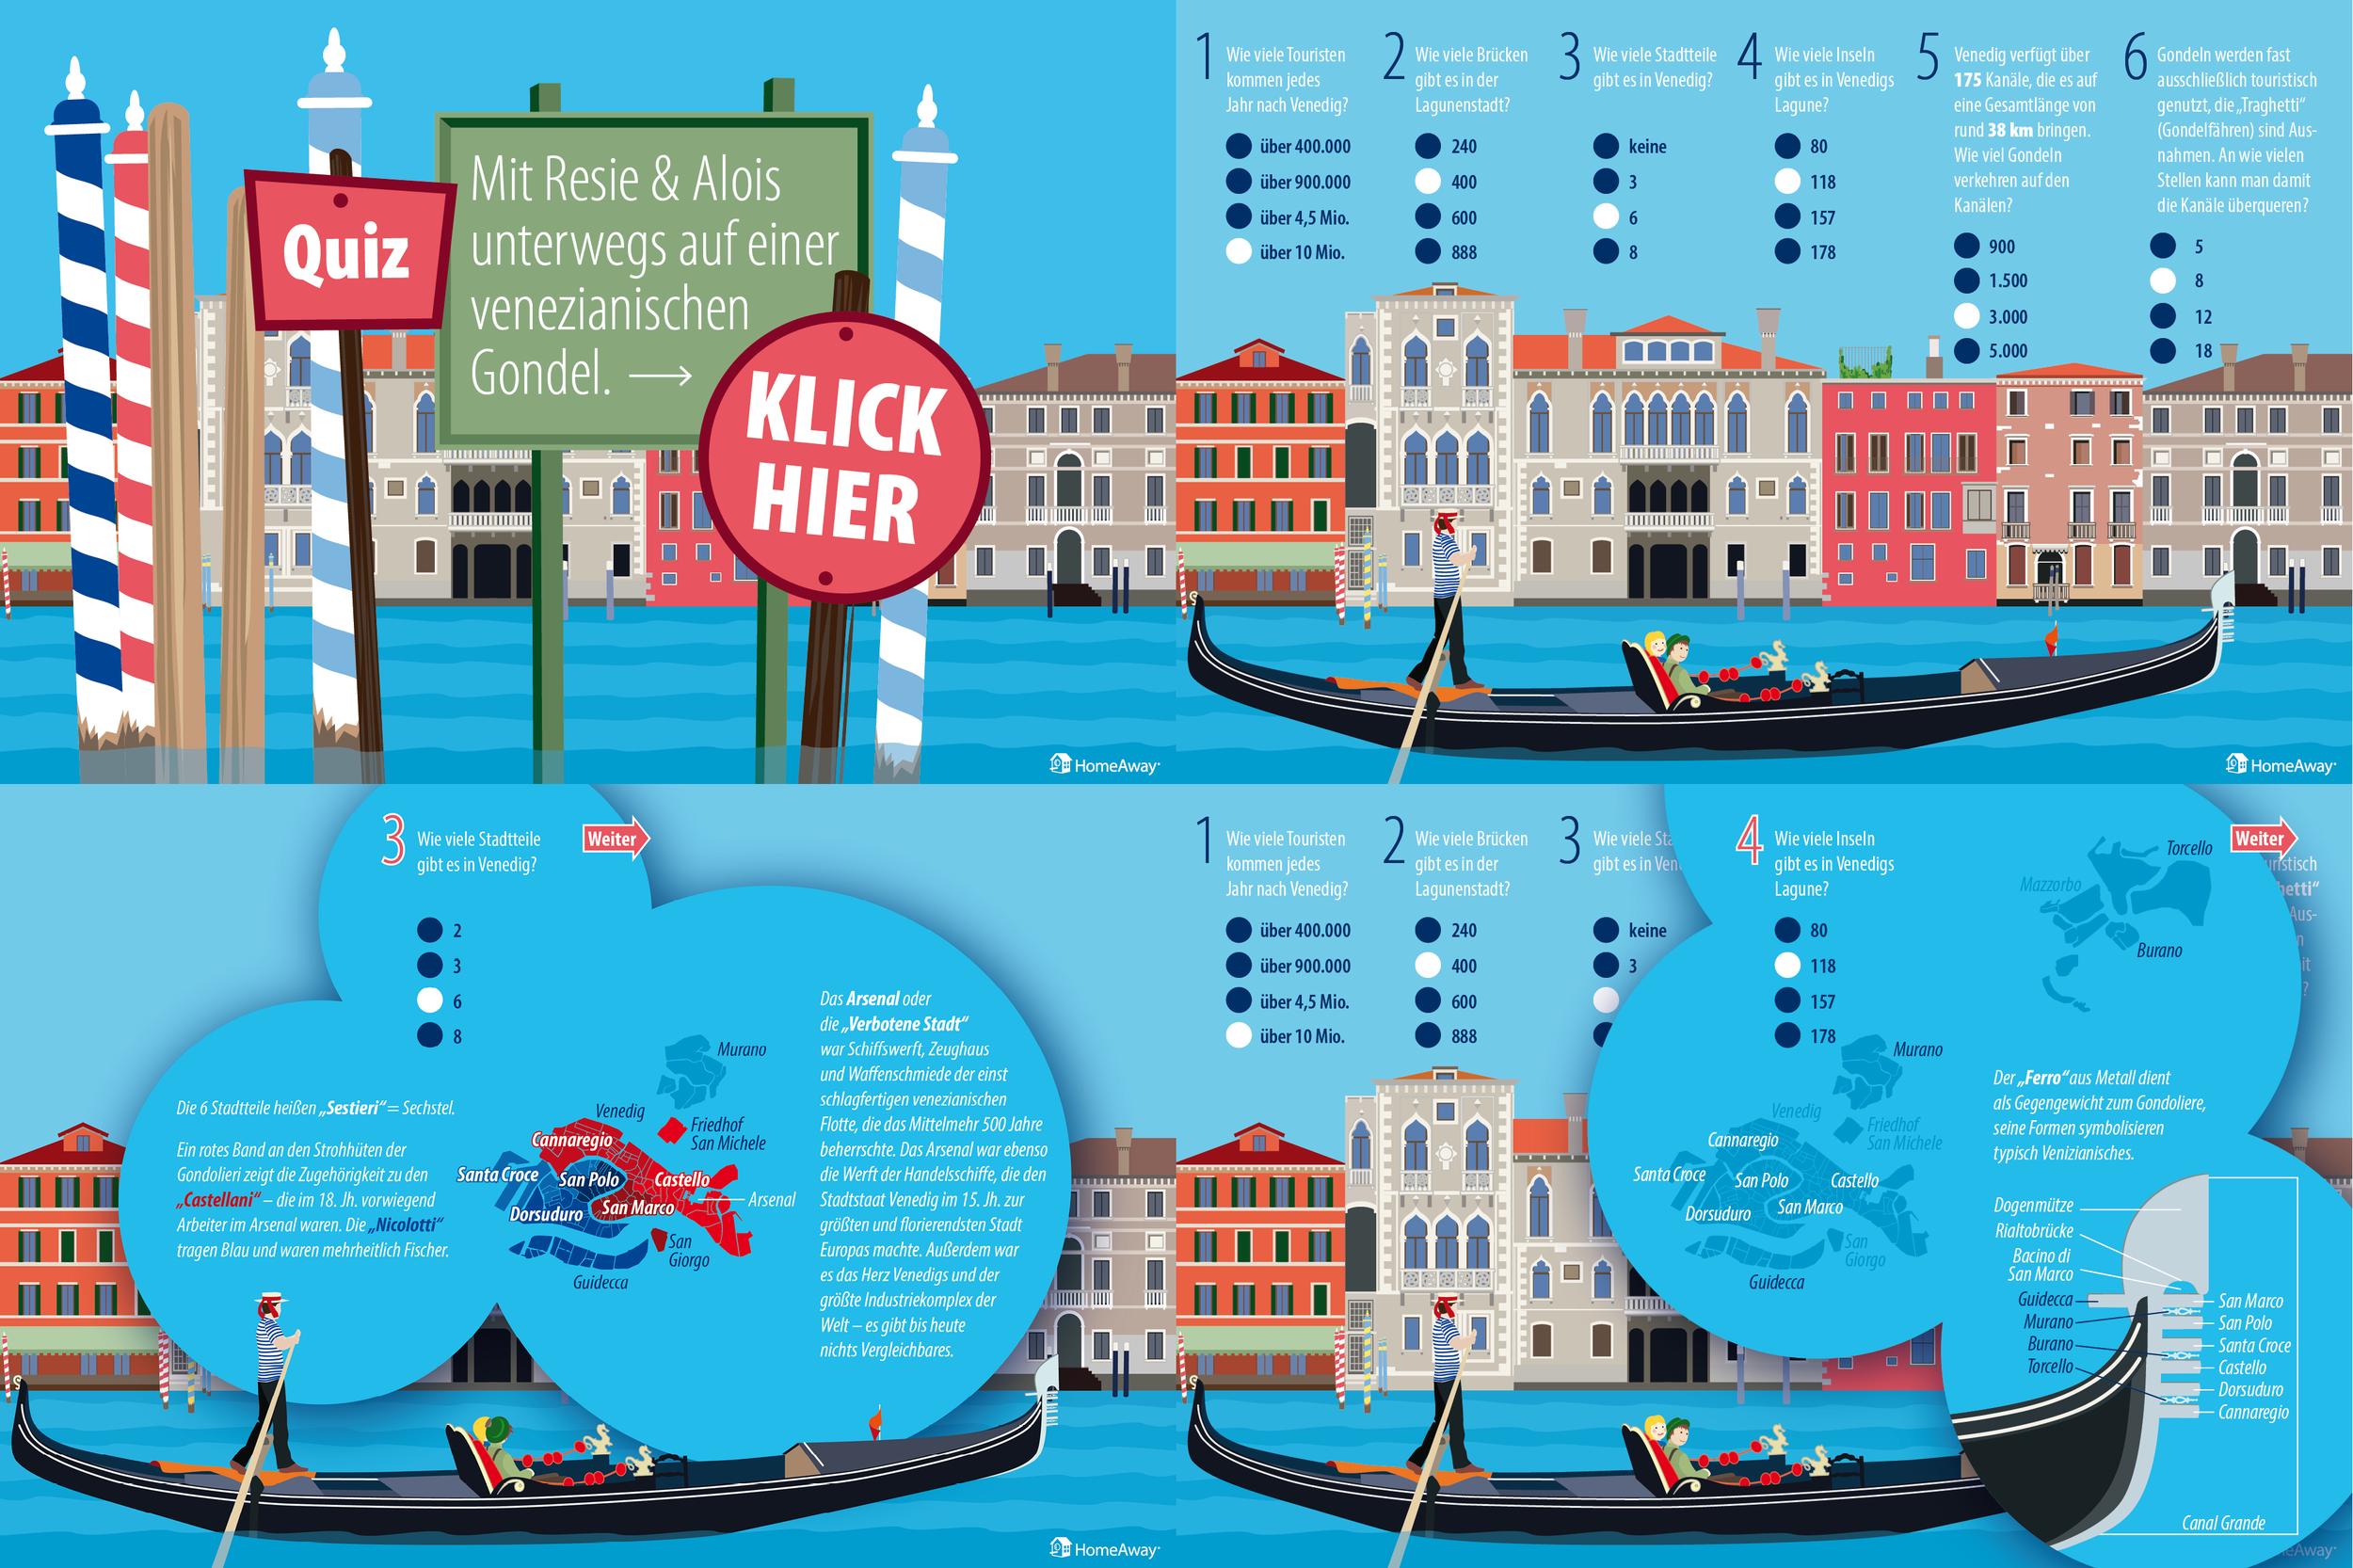 Annette Guenzel_interaktive Infografik und Quiz_Venedig.png